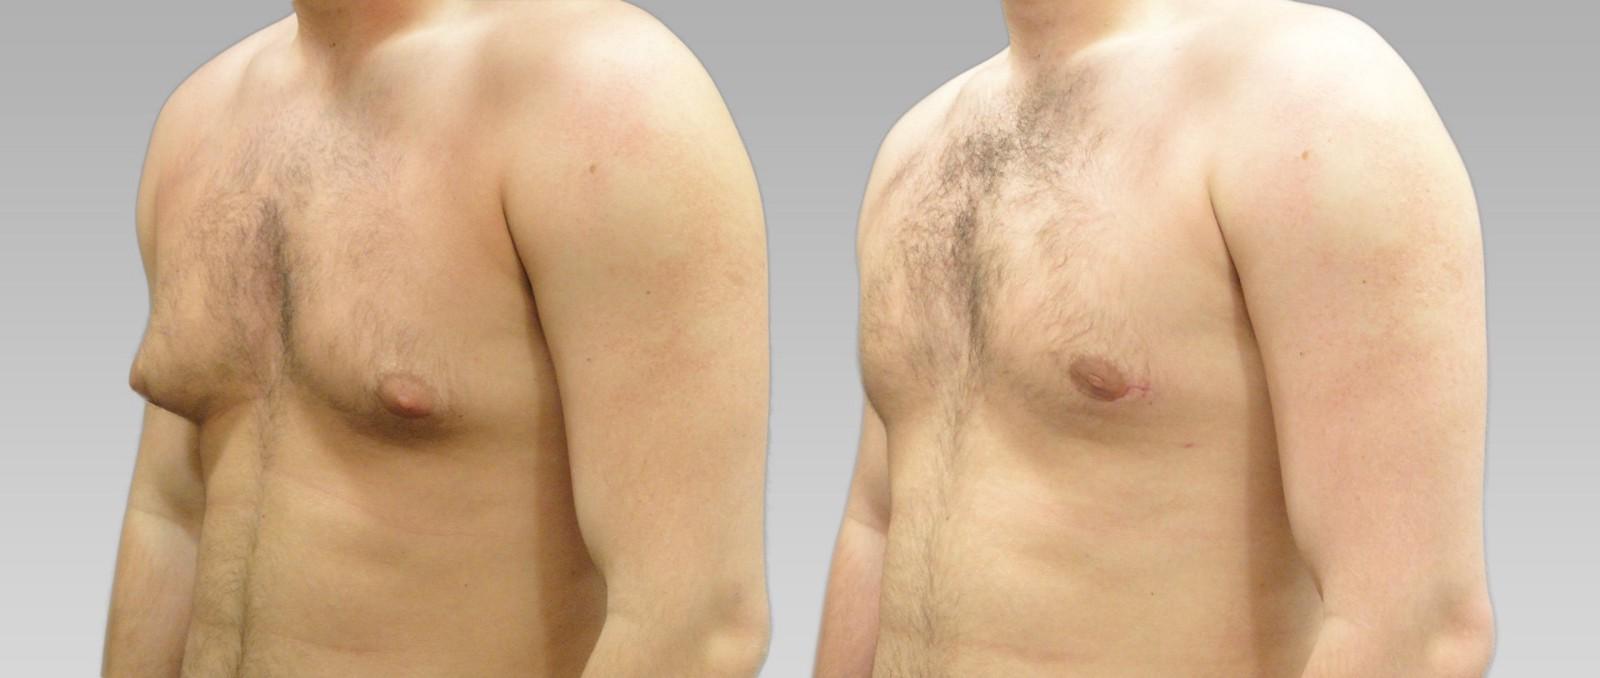 увеличение молочной железы у мужчин